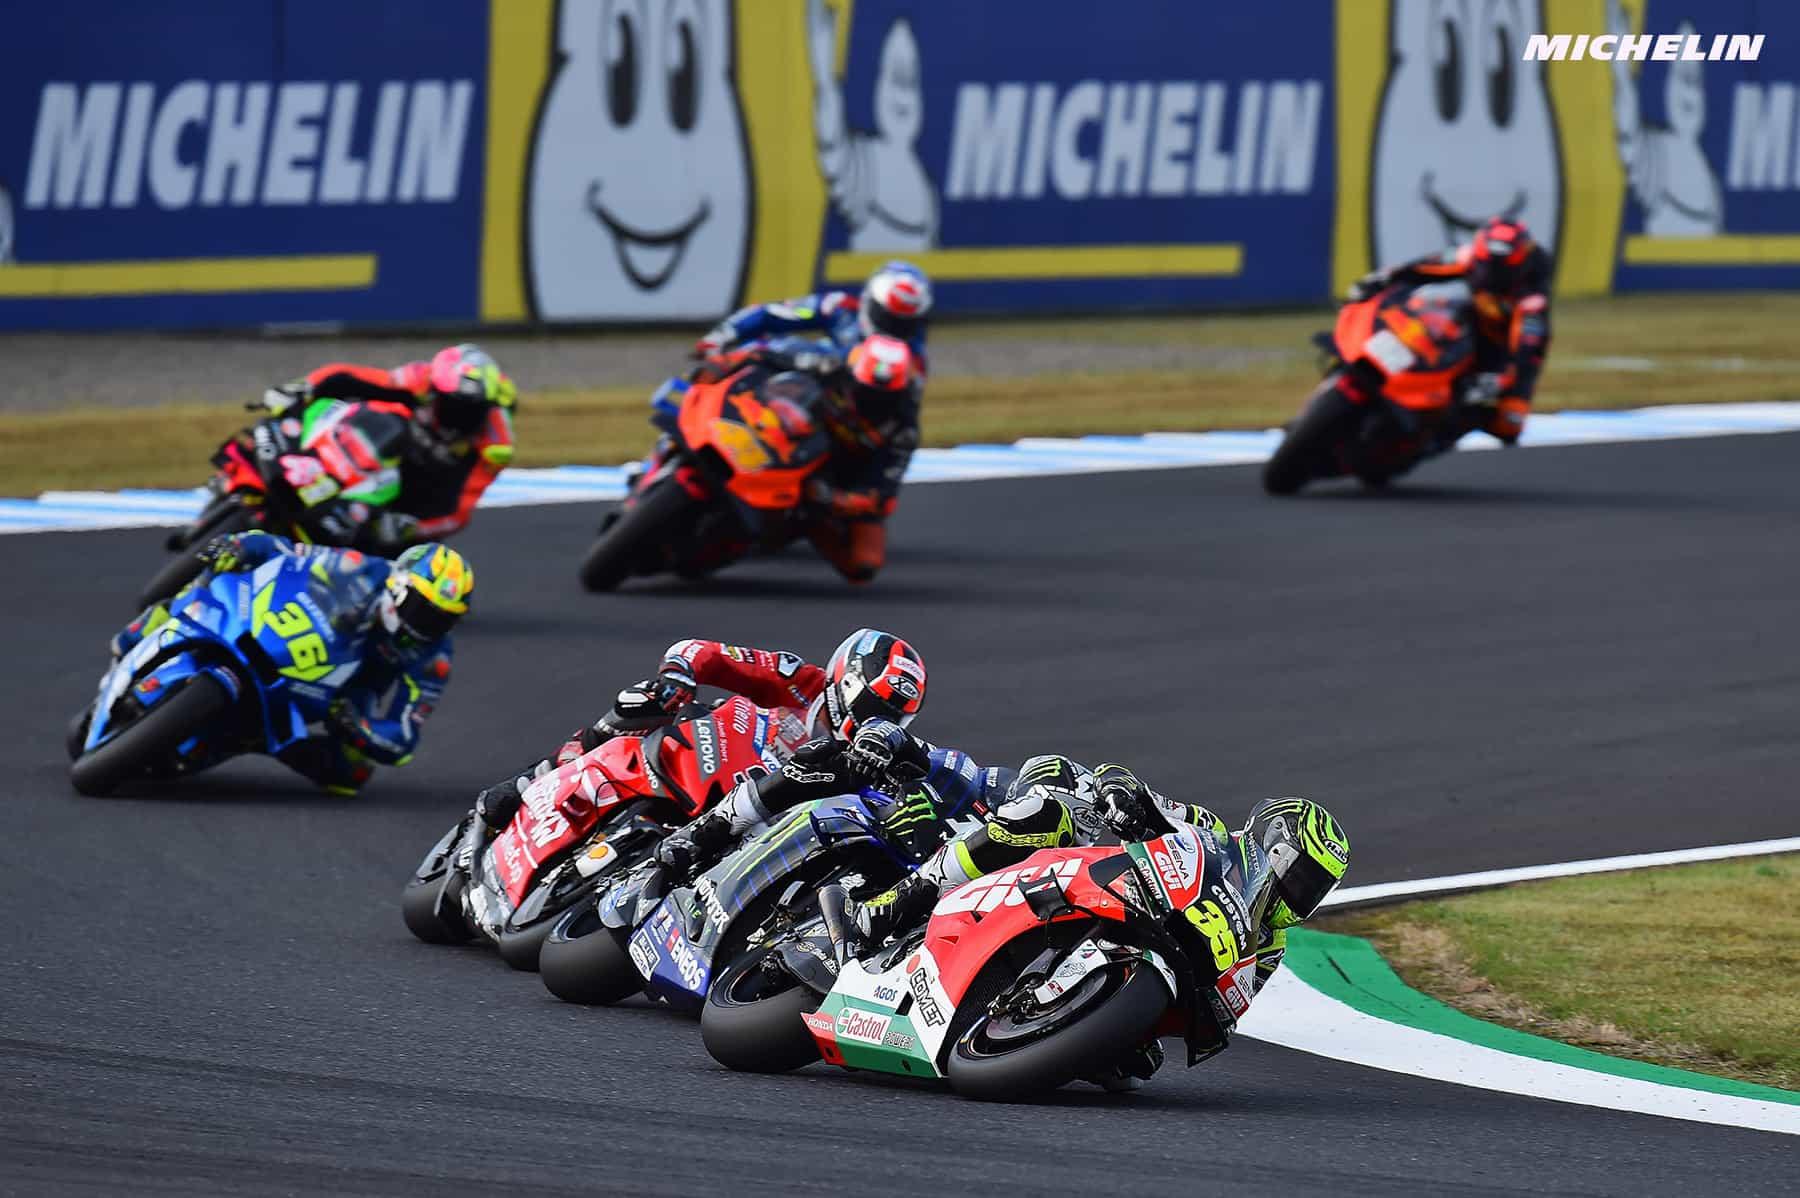 MotoGP2019日本GP 5位クラッチロー「チーム、自分にとって満足いく結果だった」